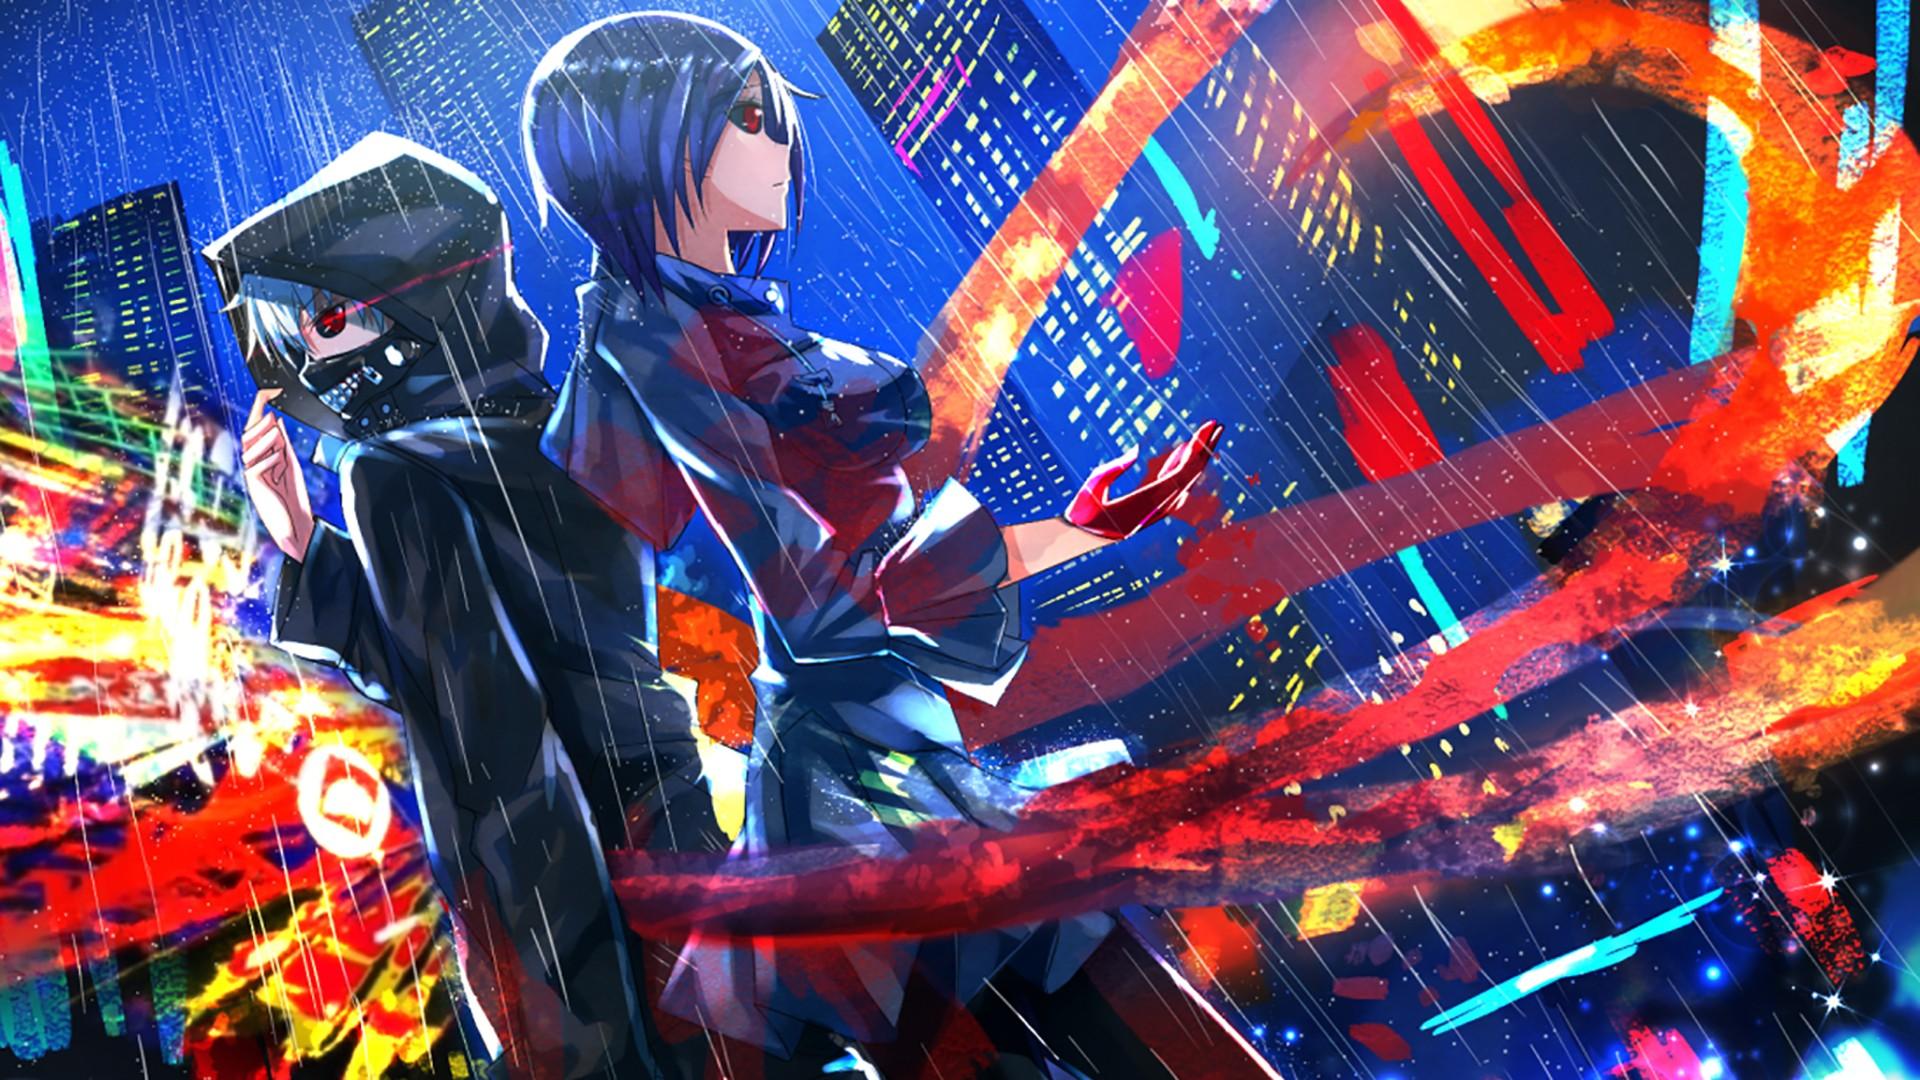 Wallpaper : anime, Kaneki Ken, Tokyo Ghoul, Kirishima Touka